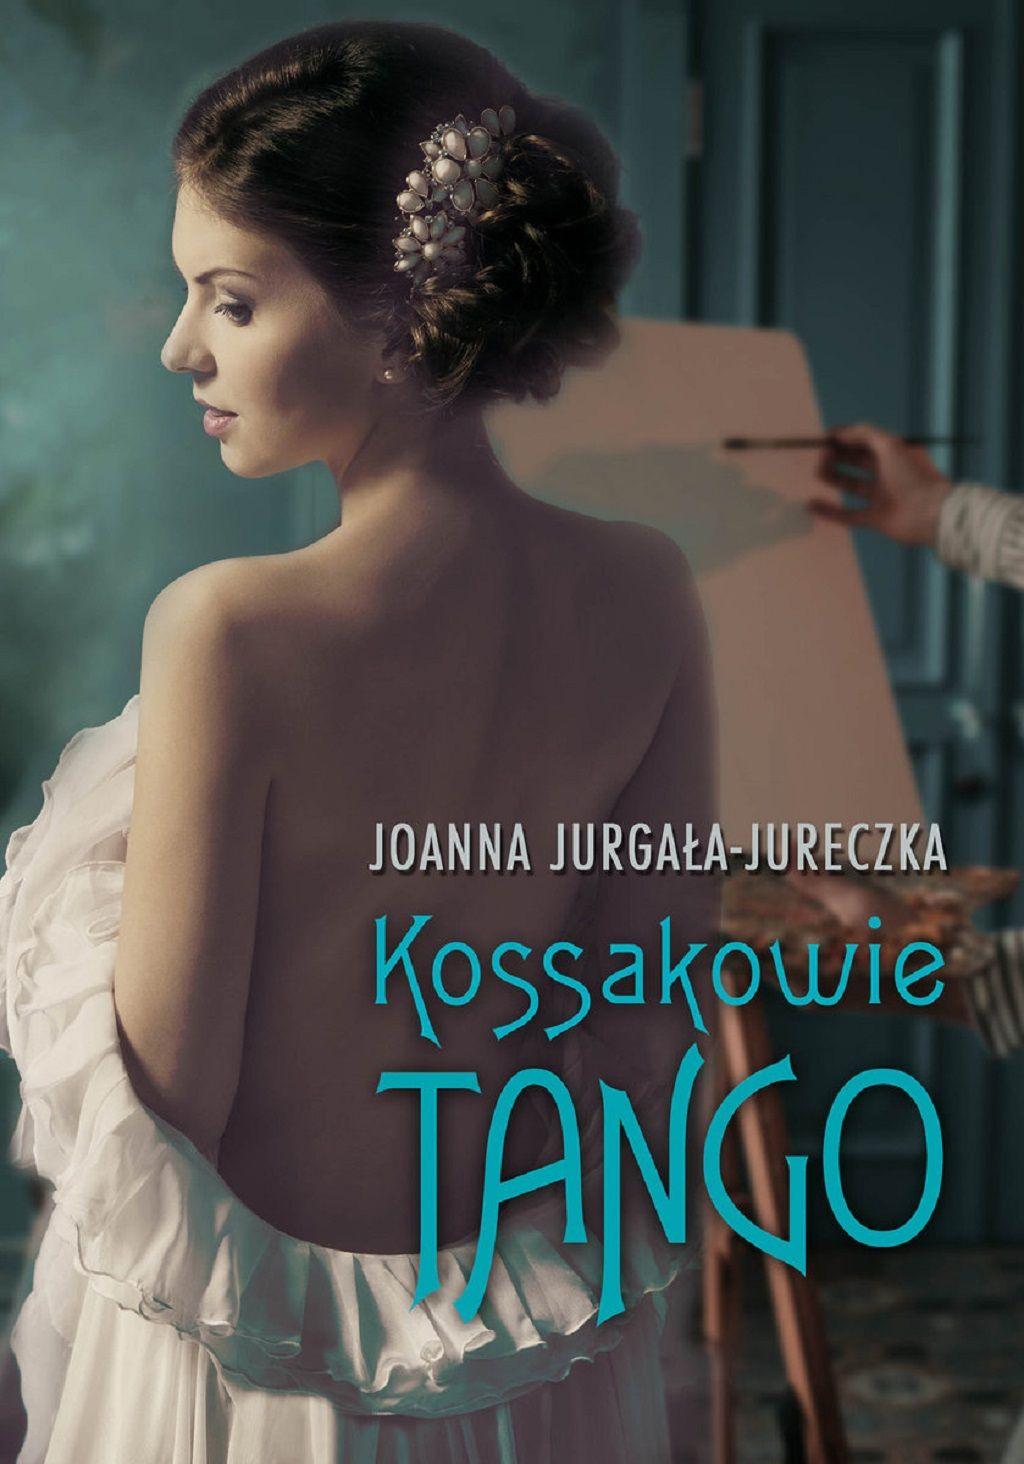 Joanna Jurgała-Jureczka – Kossakowie. Tango